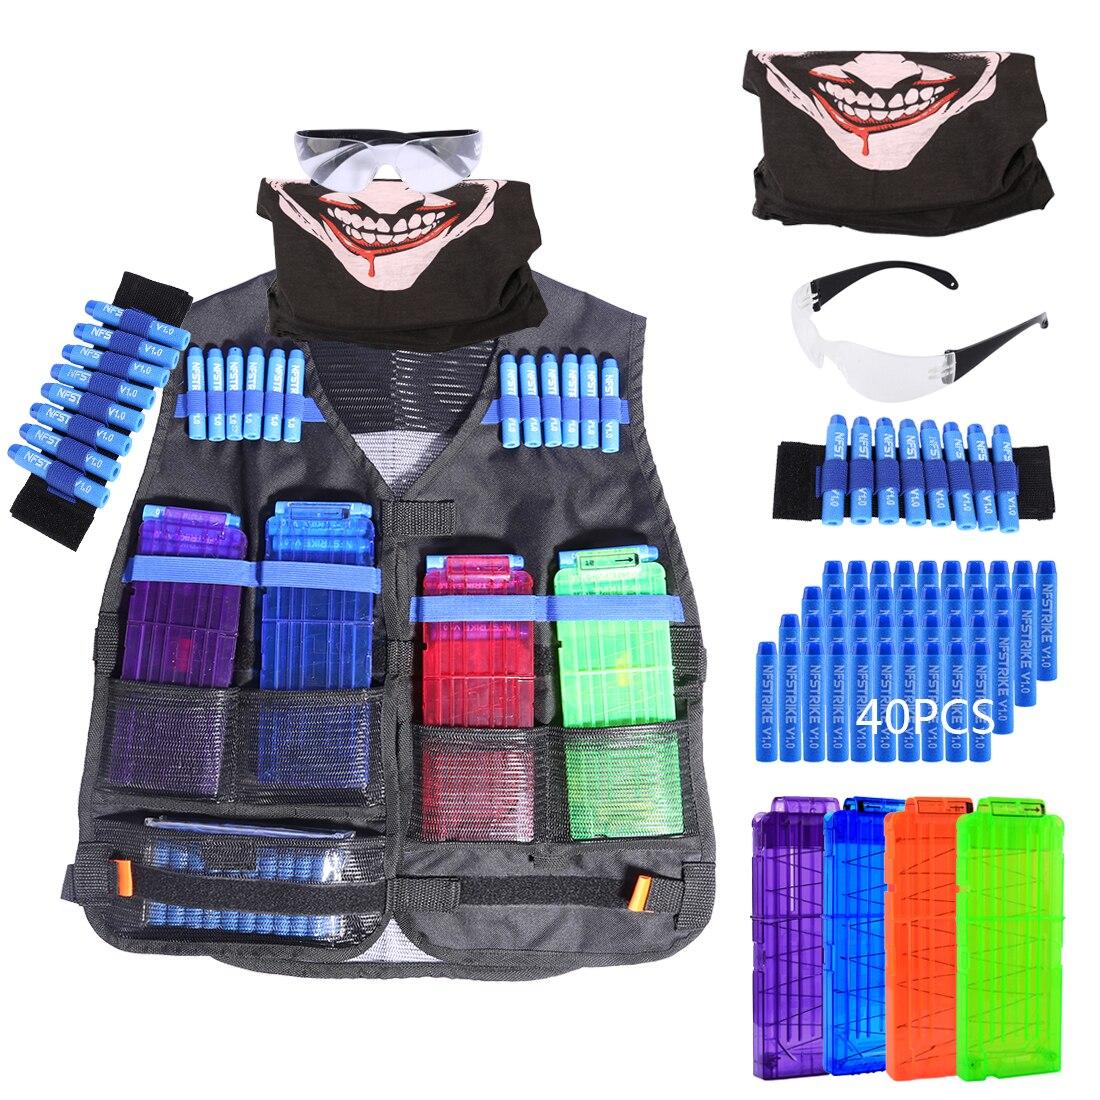 Morbido Proiettile Tattico Kit di Attrezzature per Nerf N-strike Elite Series con Ricarica Proiettili/Ricarica Pinze/Viso copertura/Occhiali/Wristband